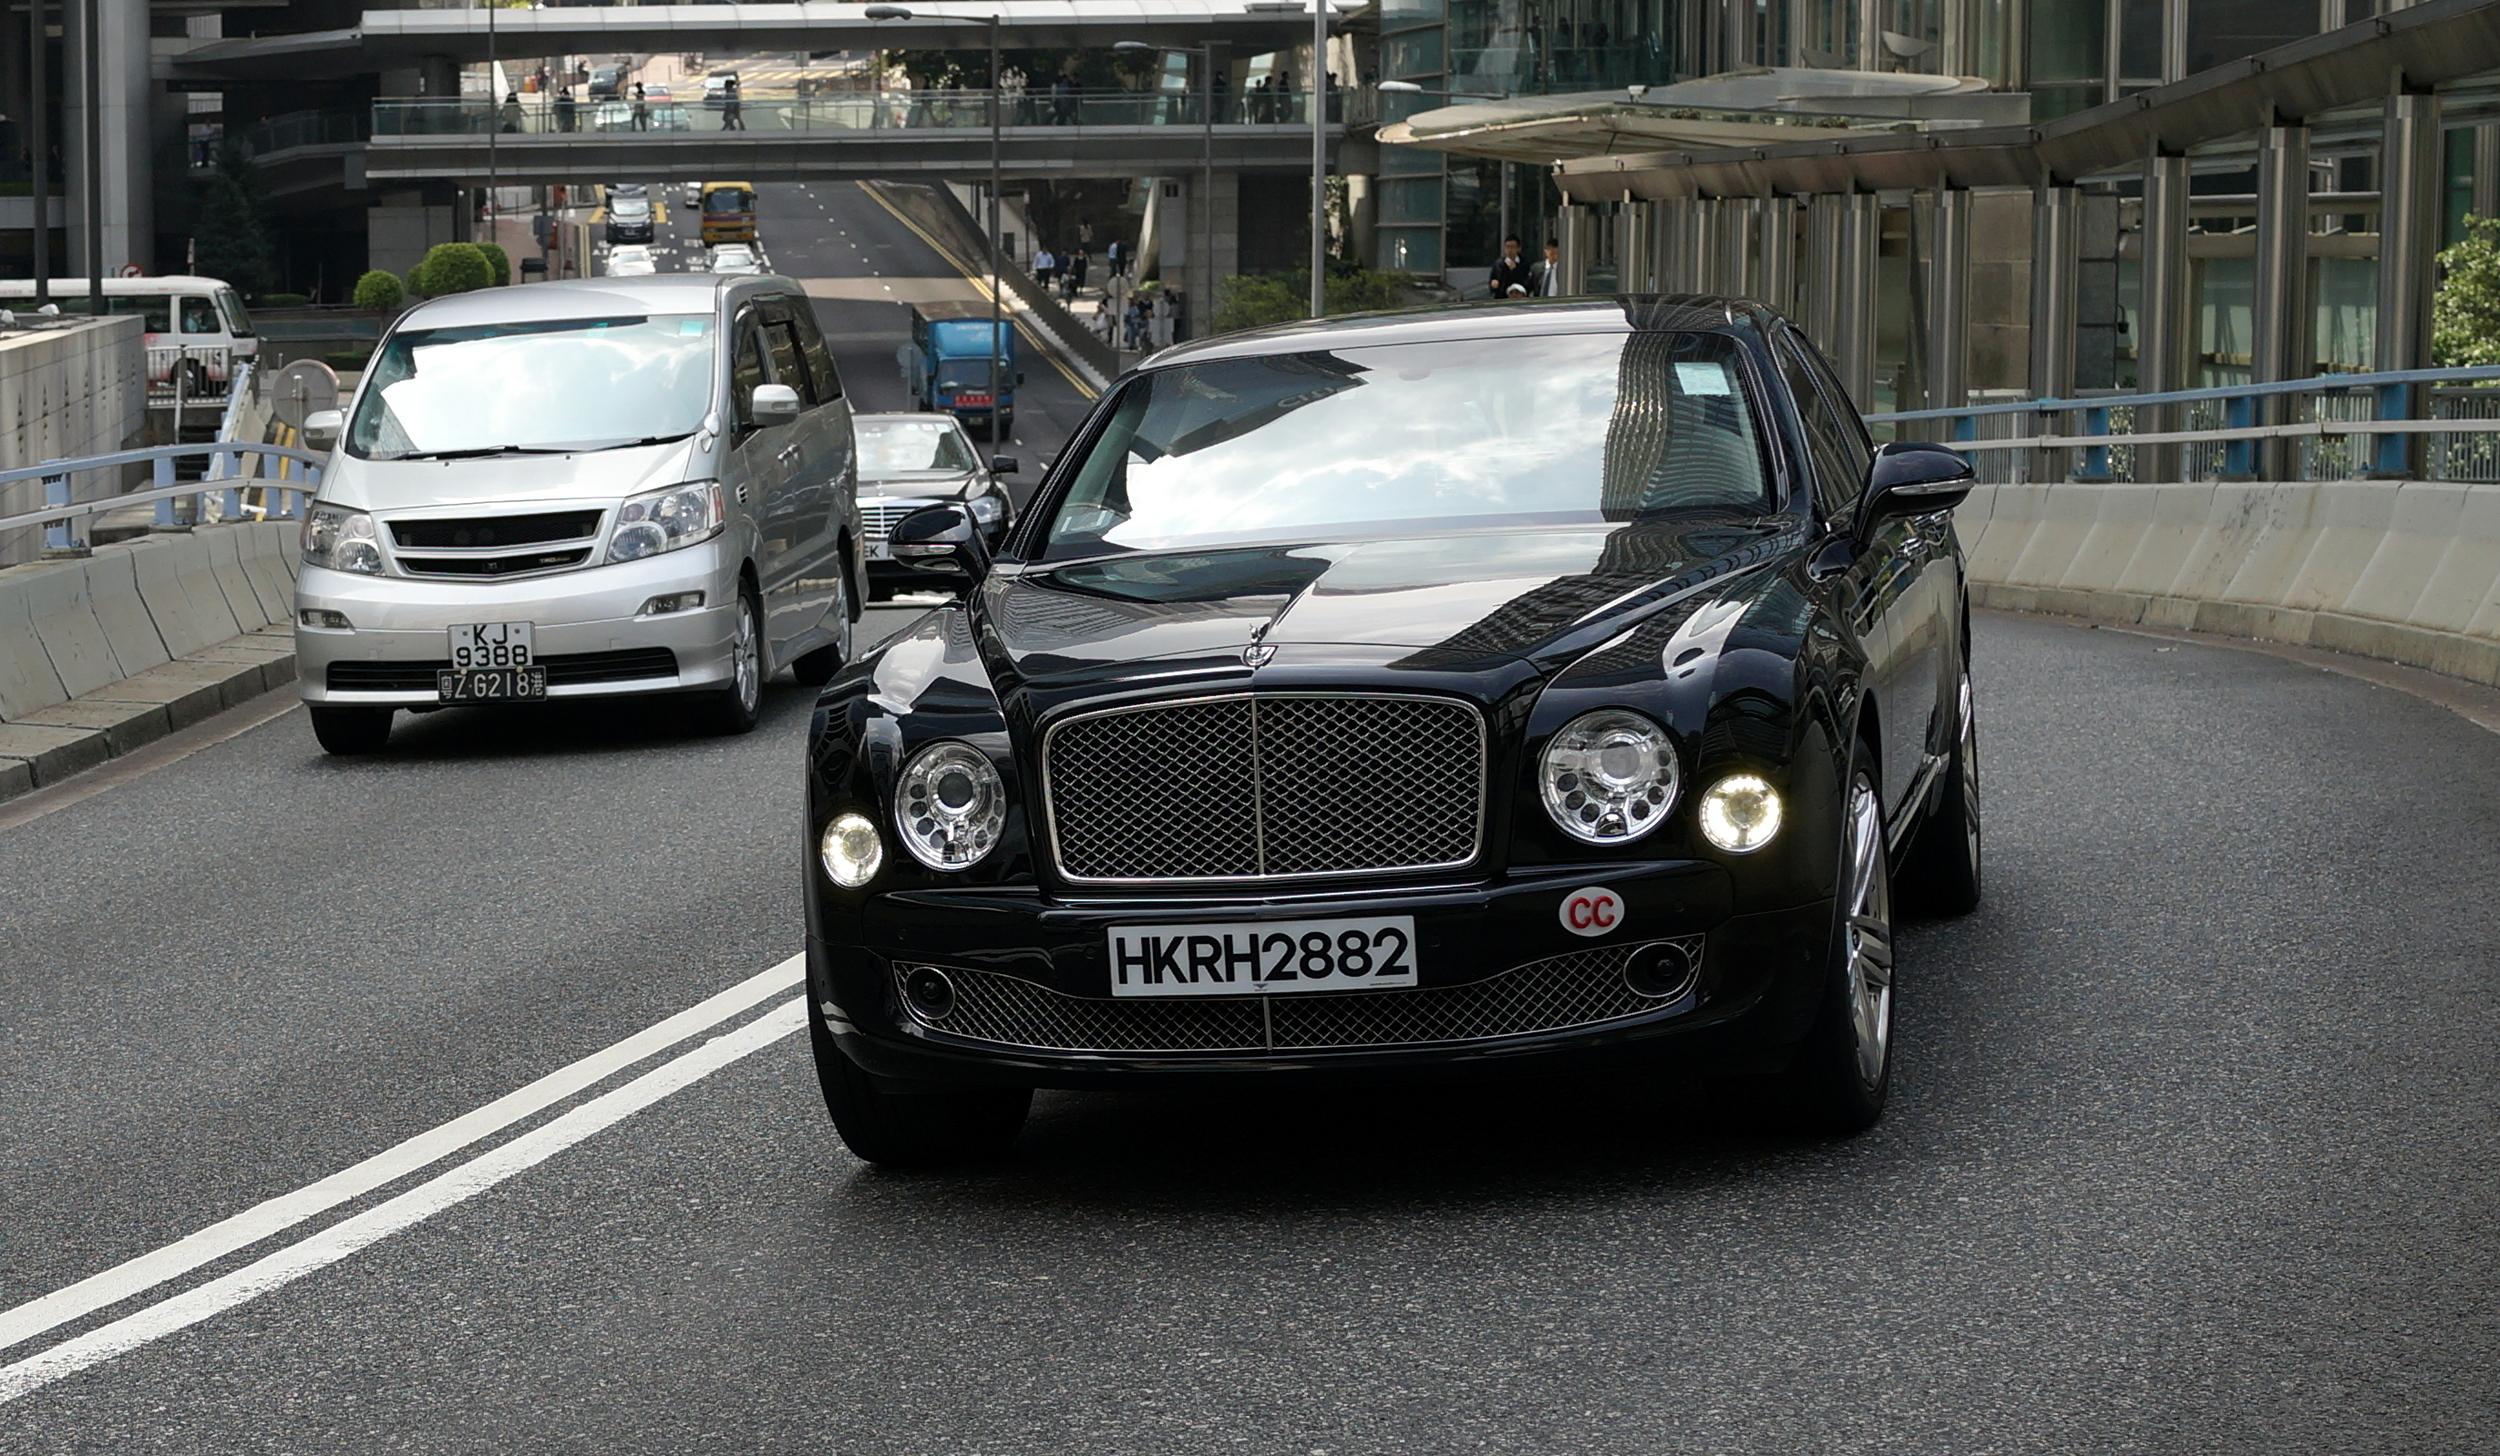 A diplomats car, a very nice Bentley